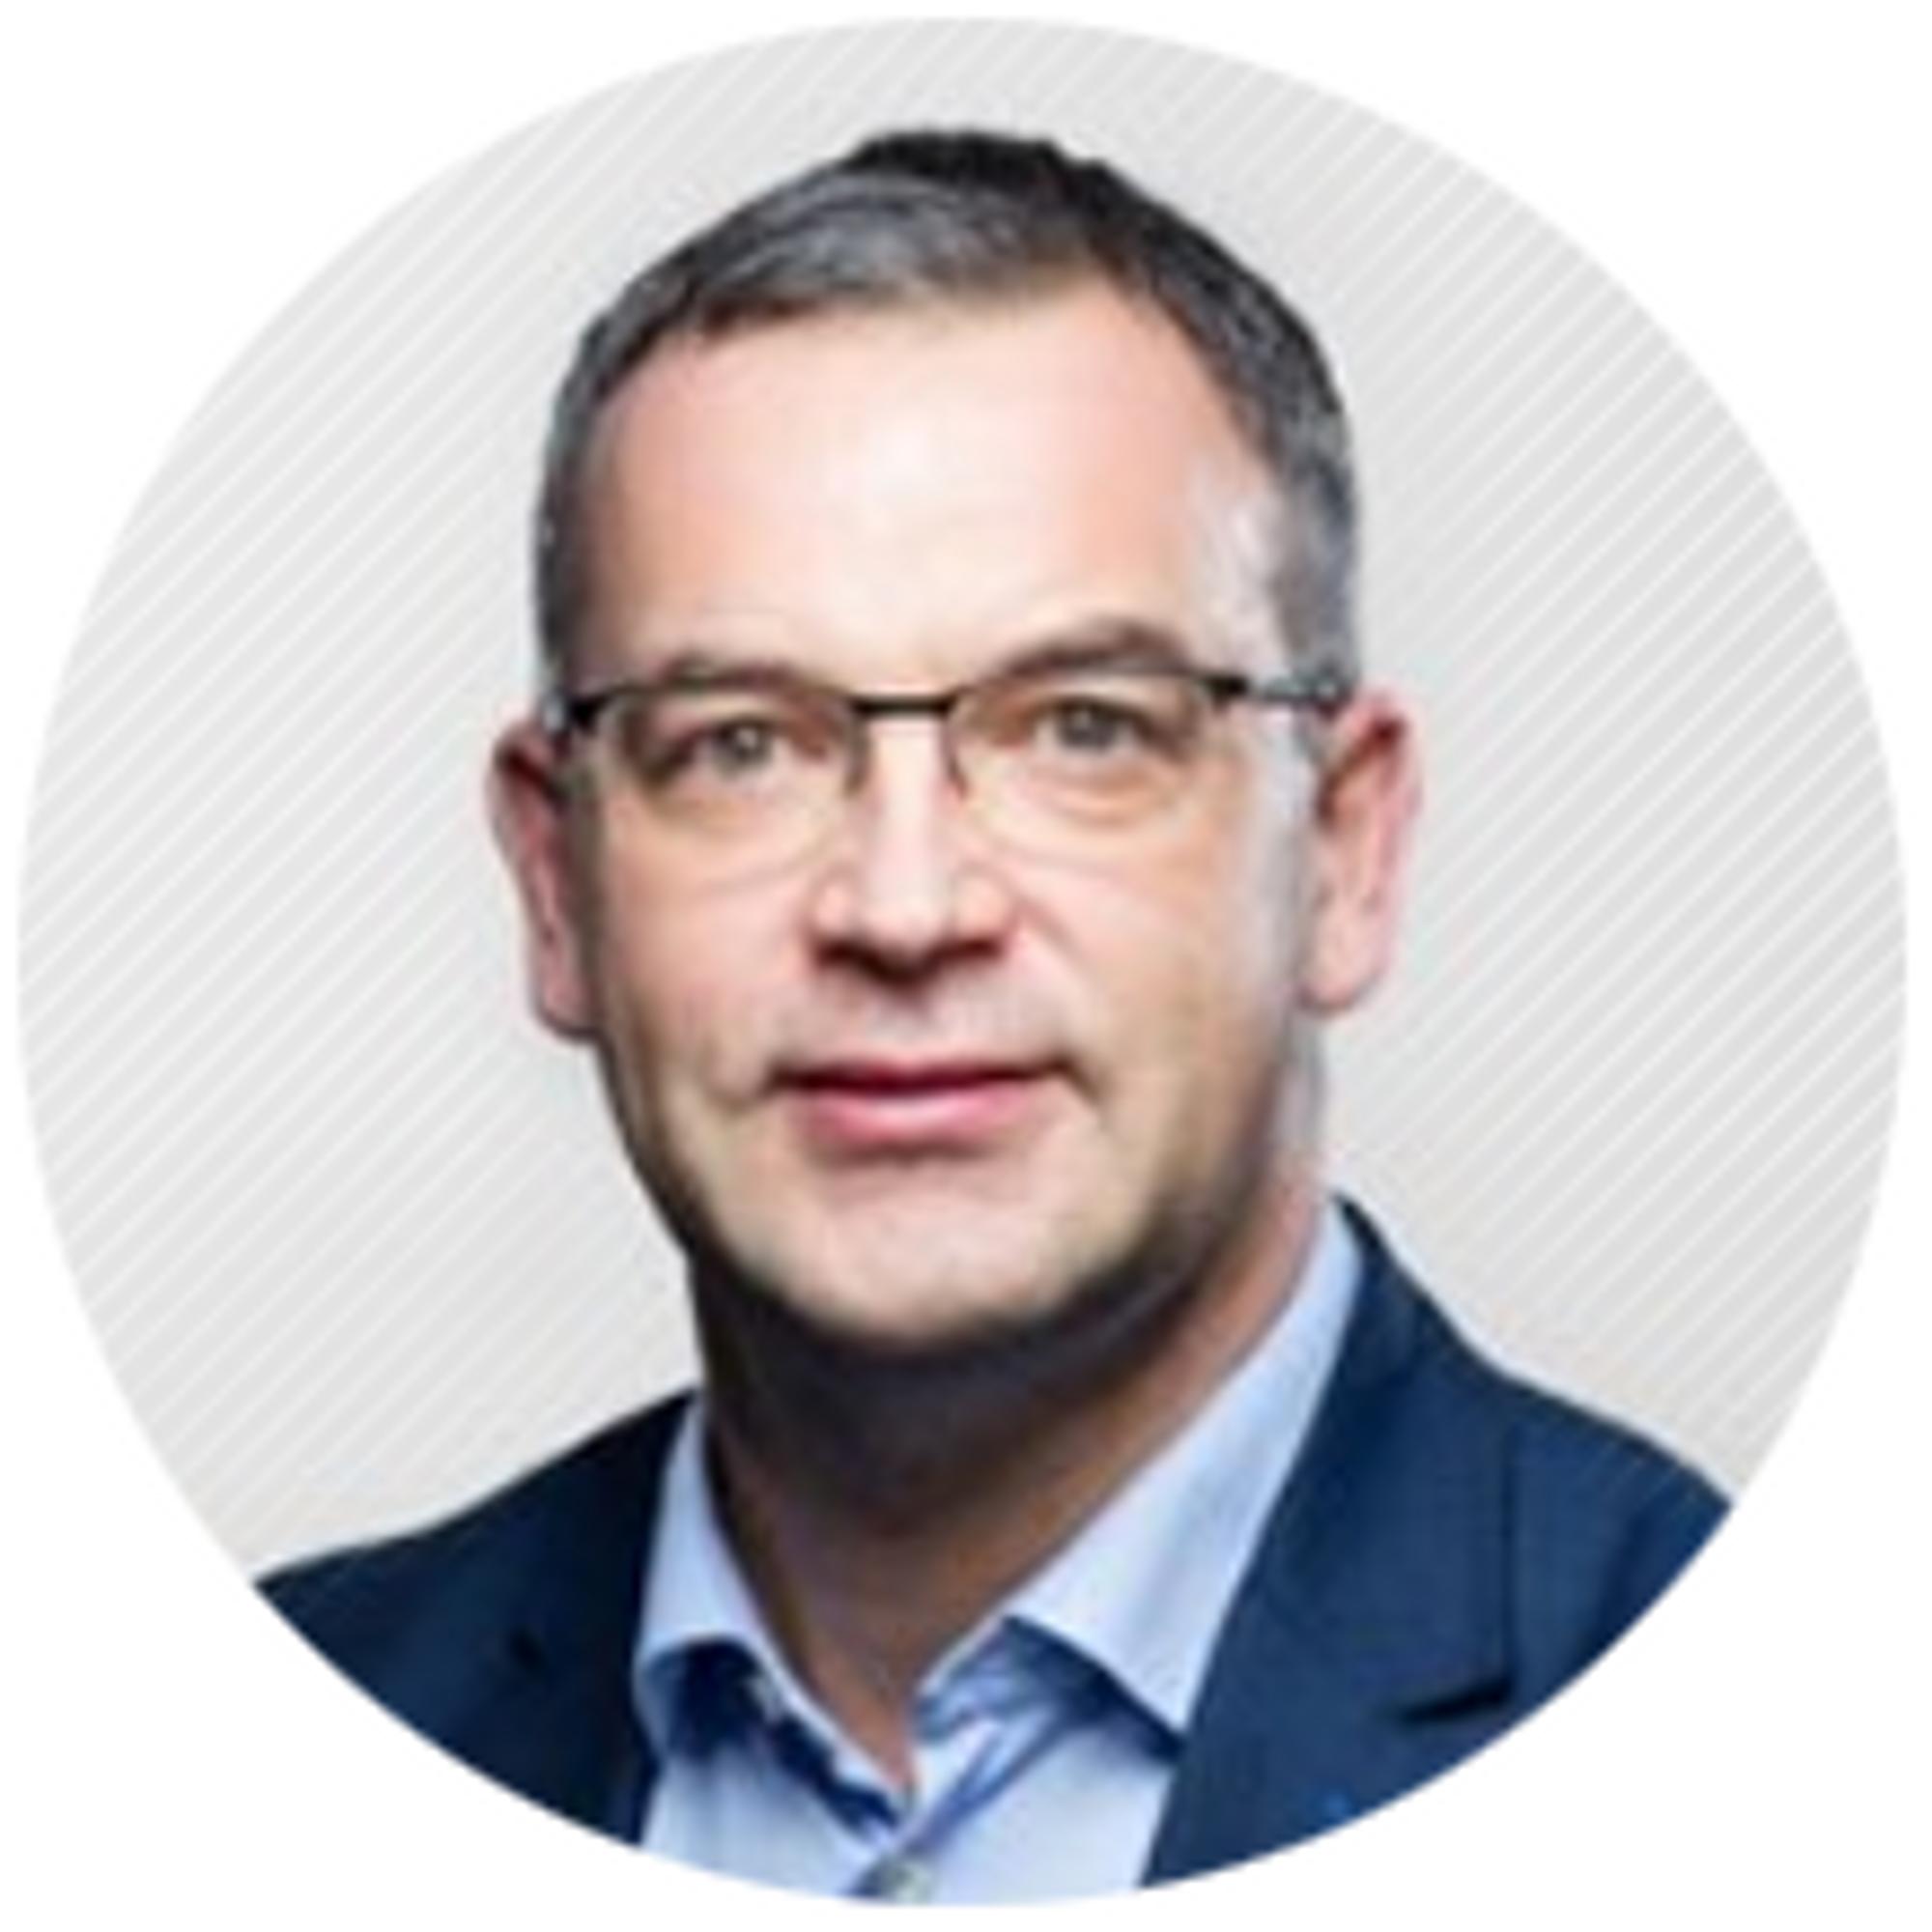 Morten Dalsmo